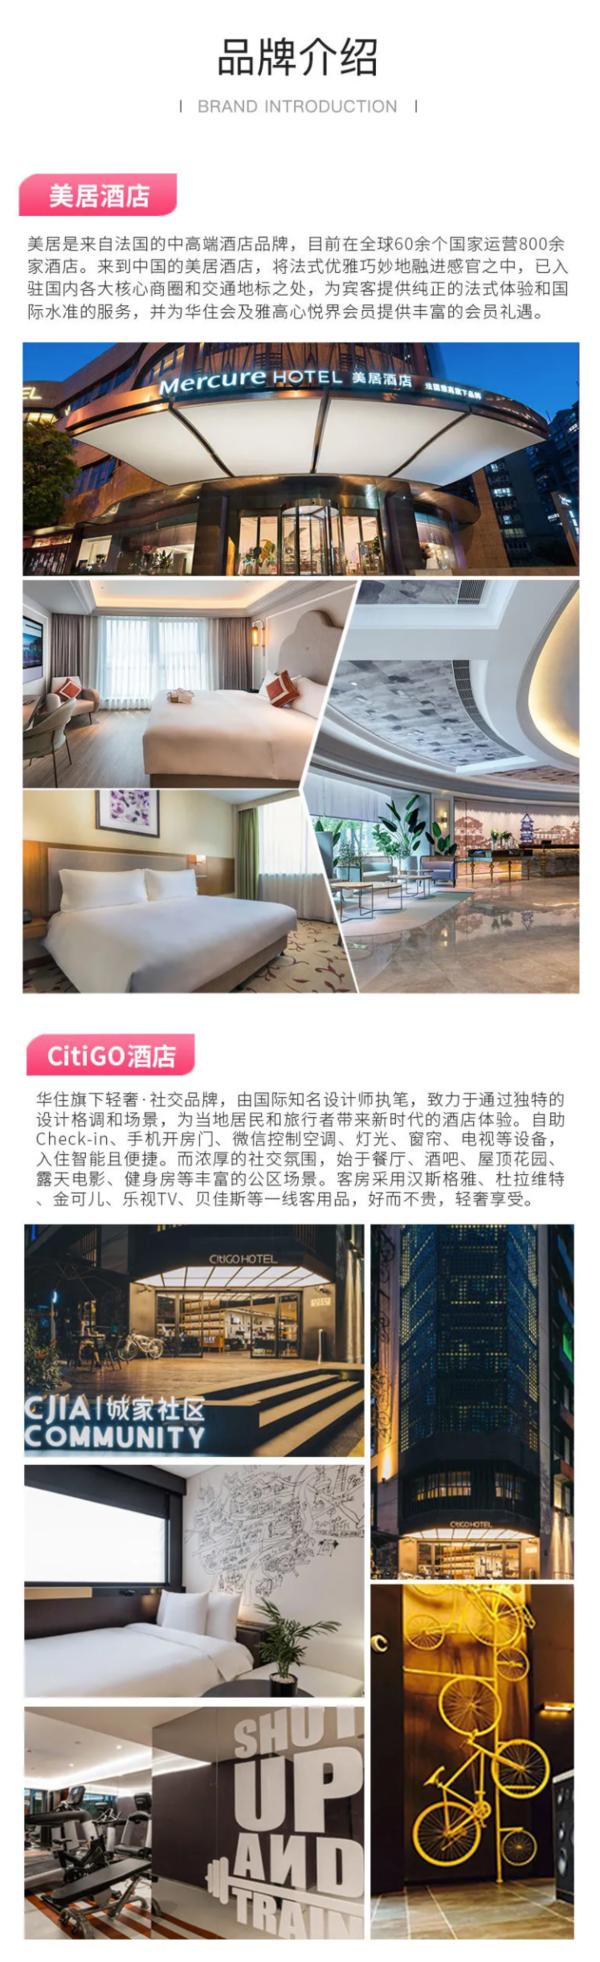 周末节假日通用!CitiGO/美居酒店 全国多地1晚通兑